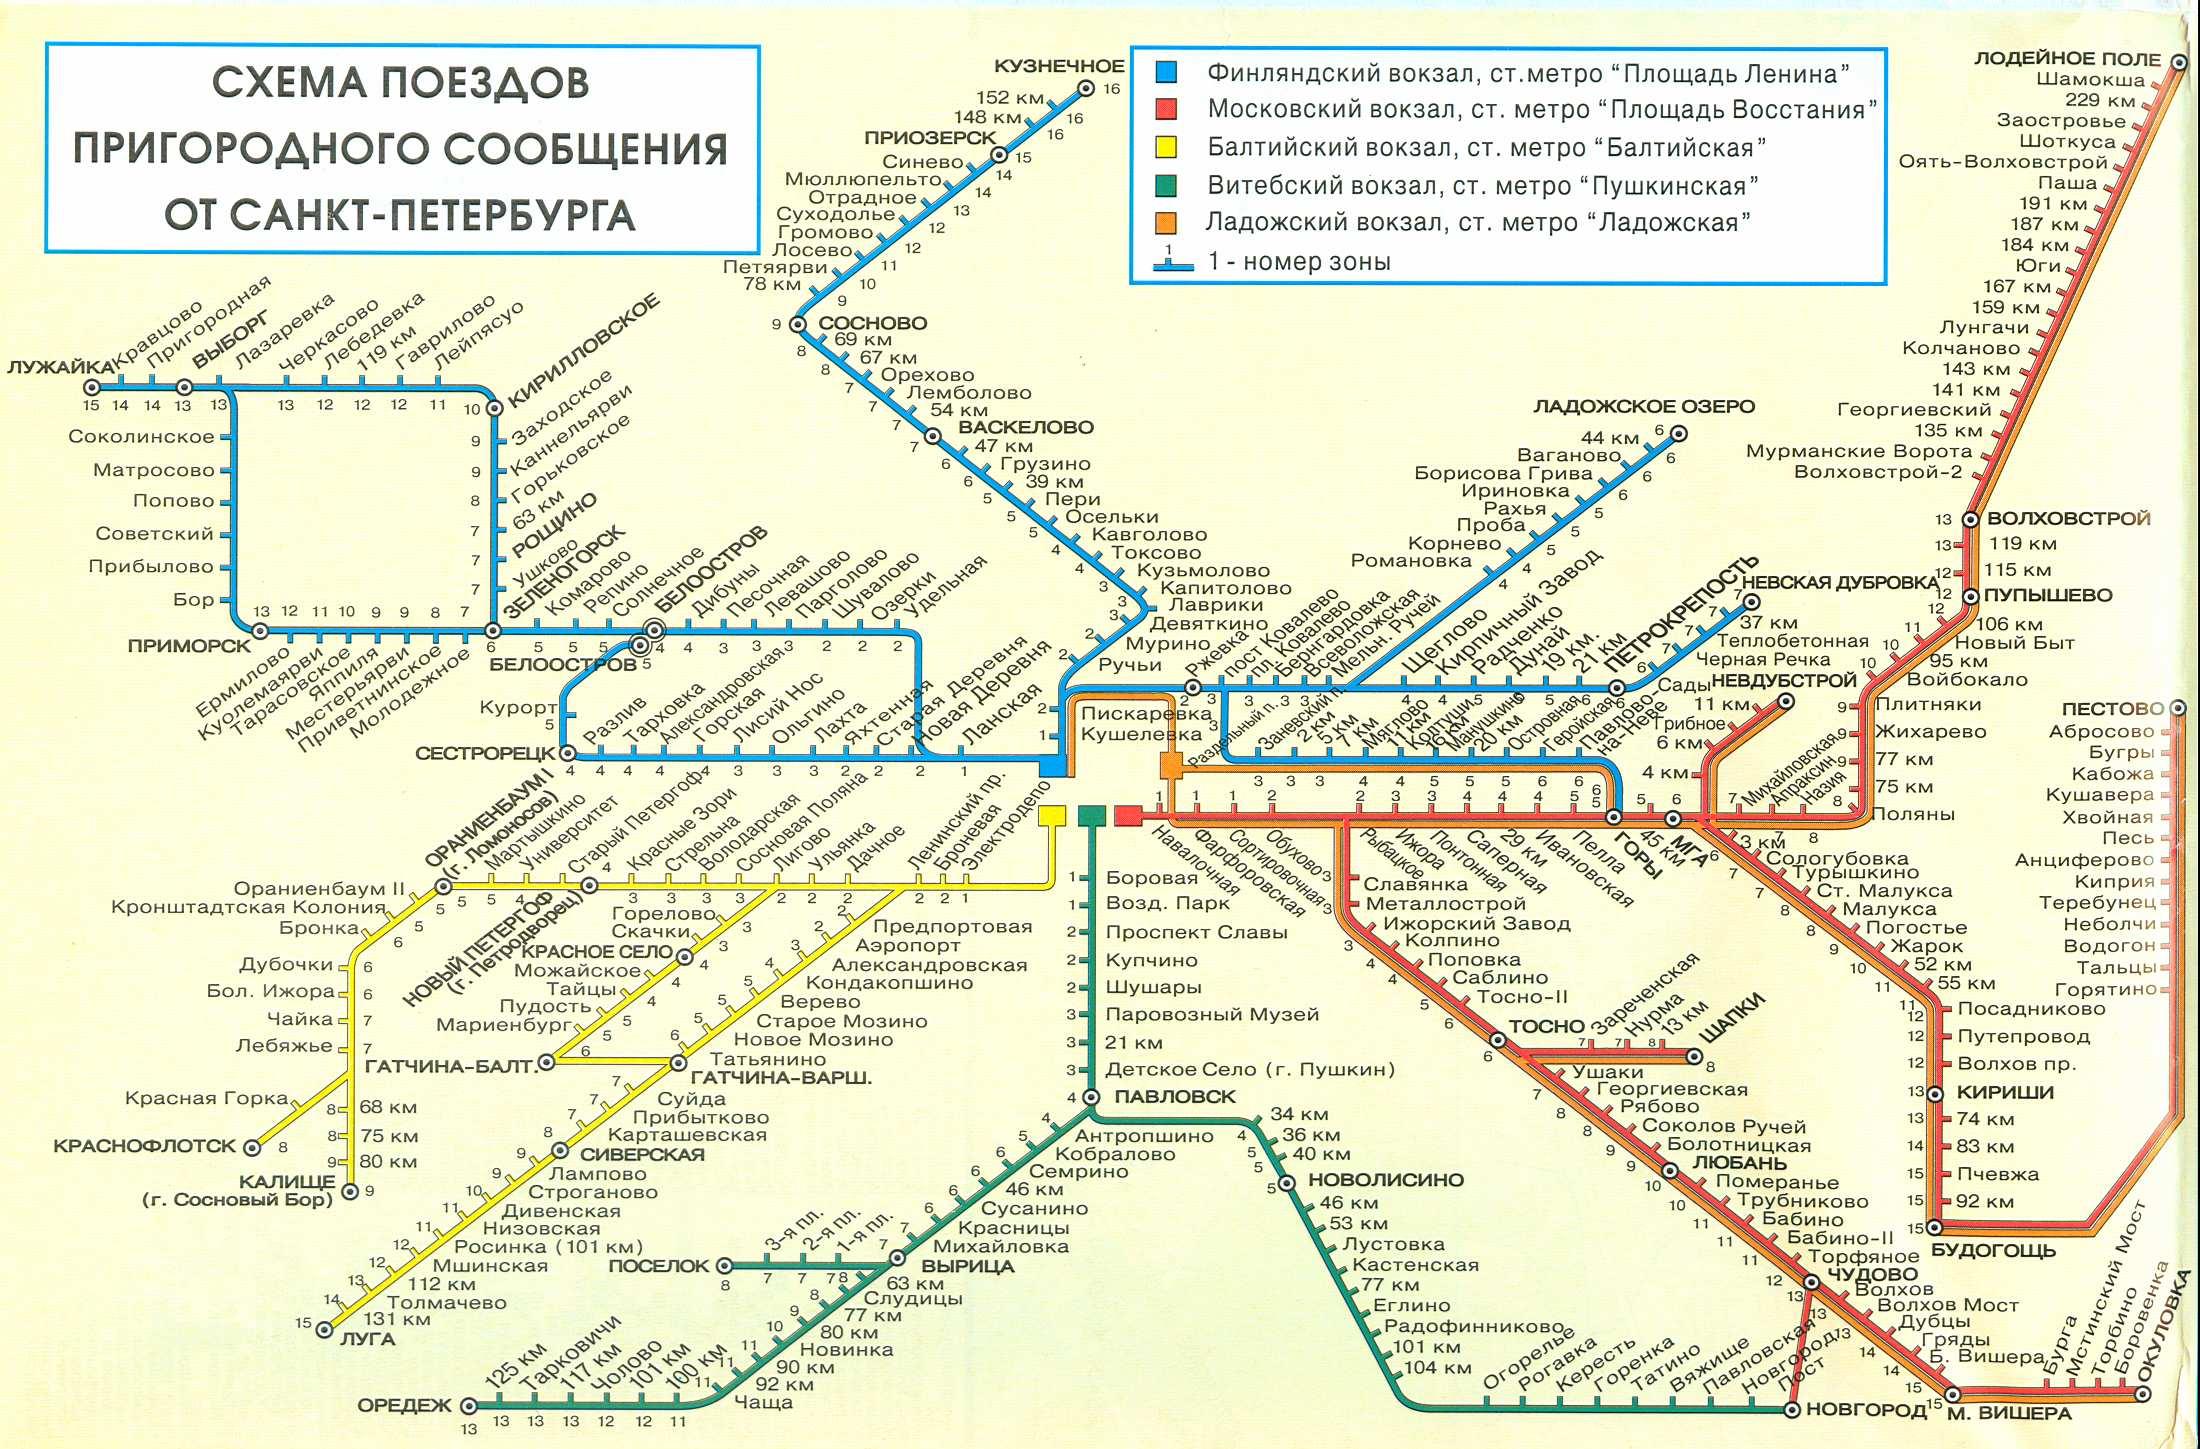 Карта петербурга со схемой движения